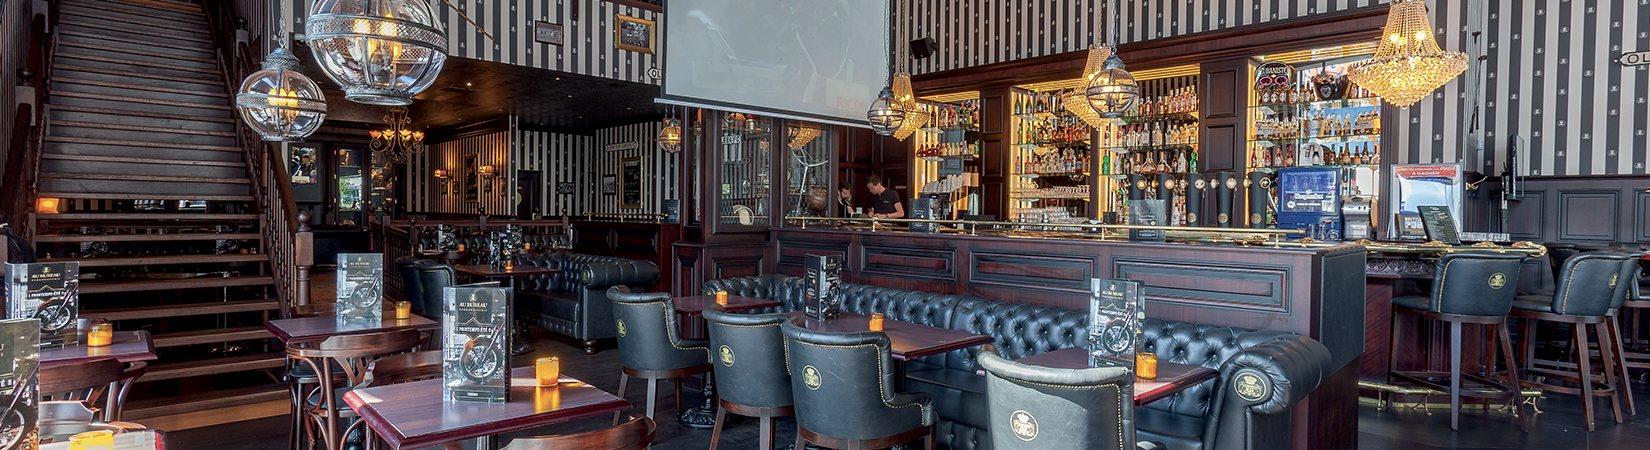 franchise au bureau 2018  u00e0 ouvrir   restaurant et brasserie  gastronomie du nord